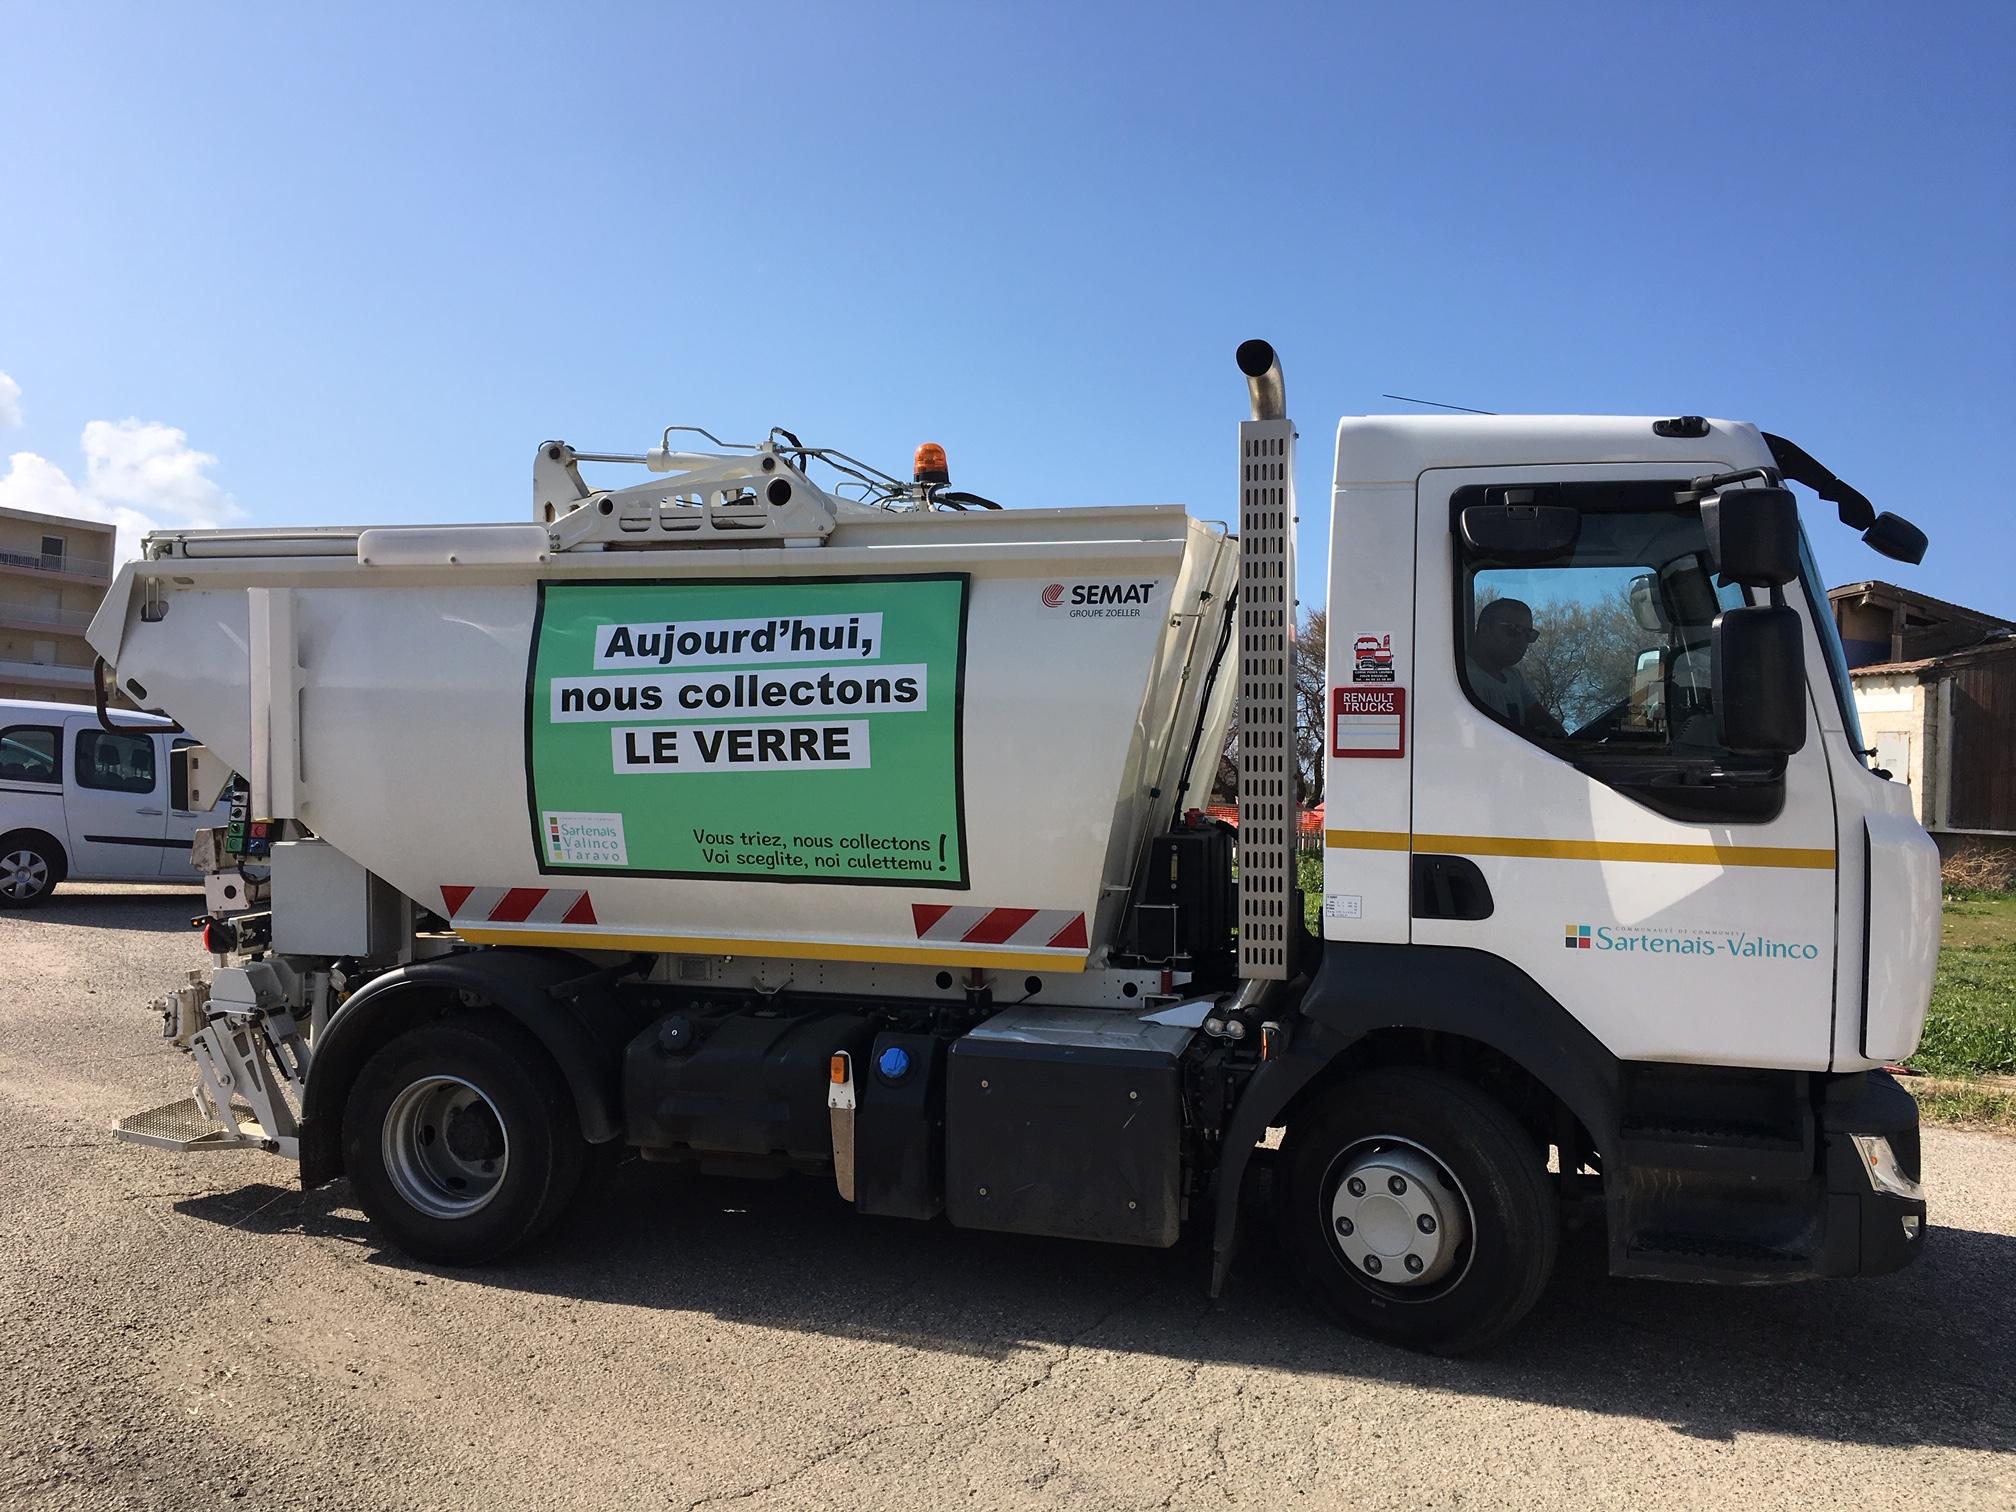 Achat de camions de collecte des déchets